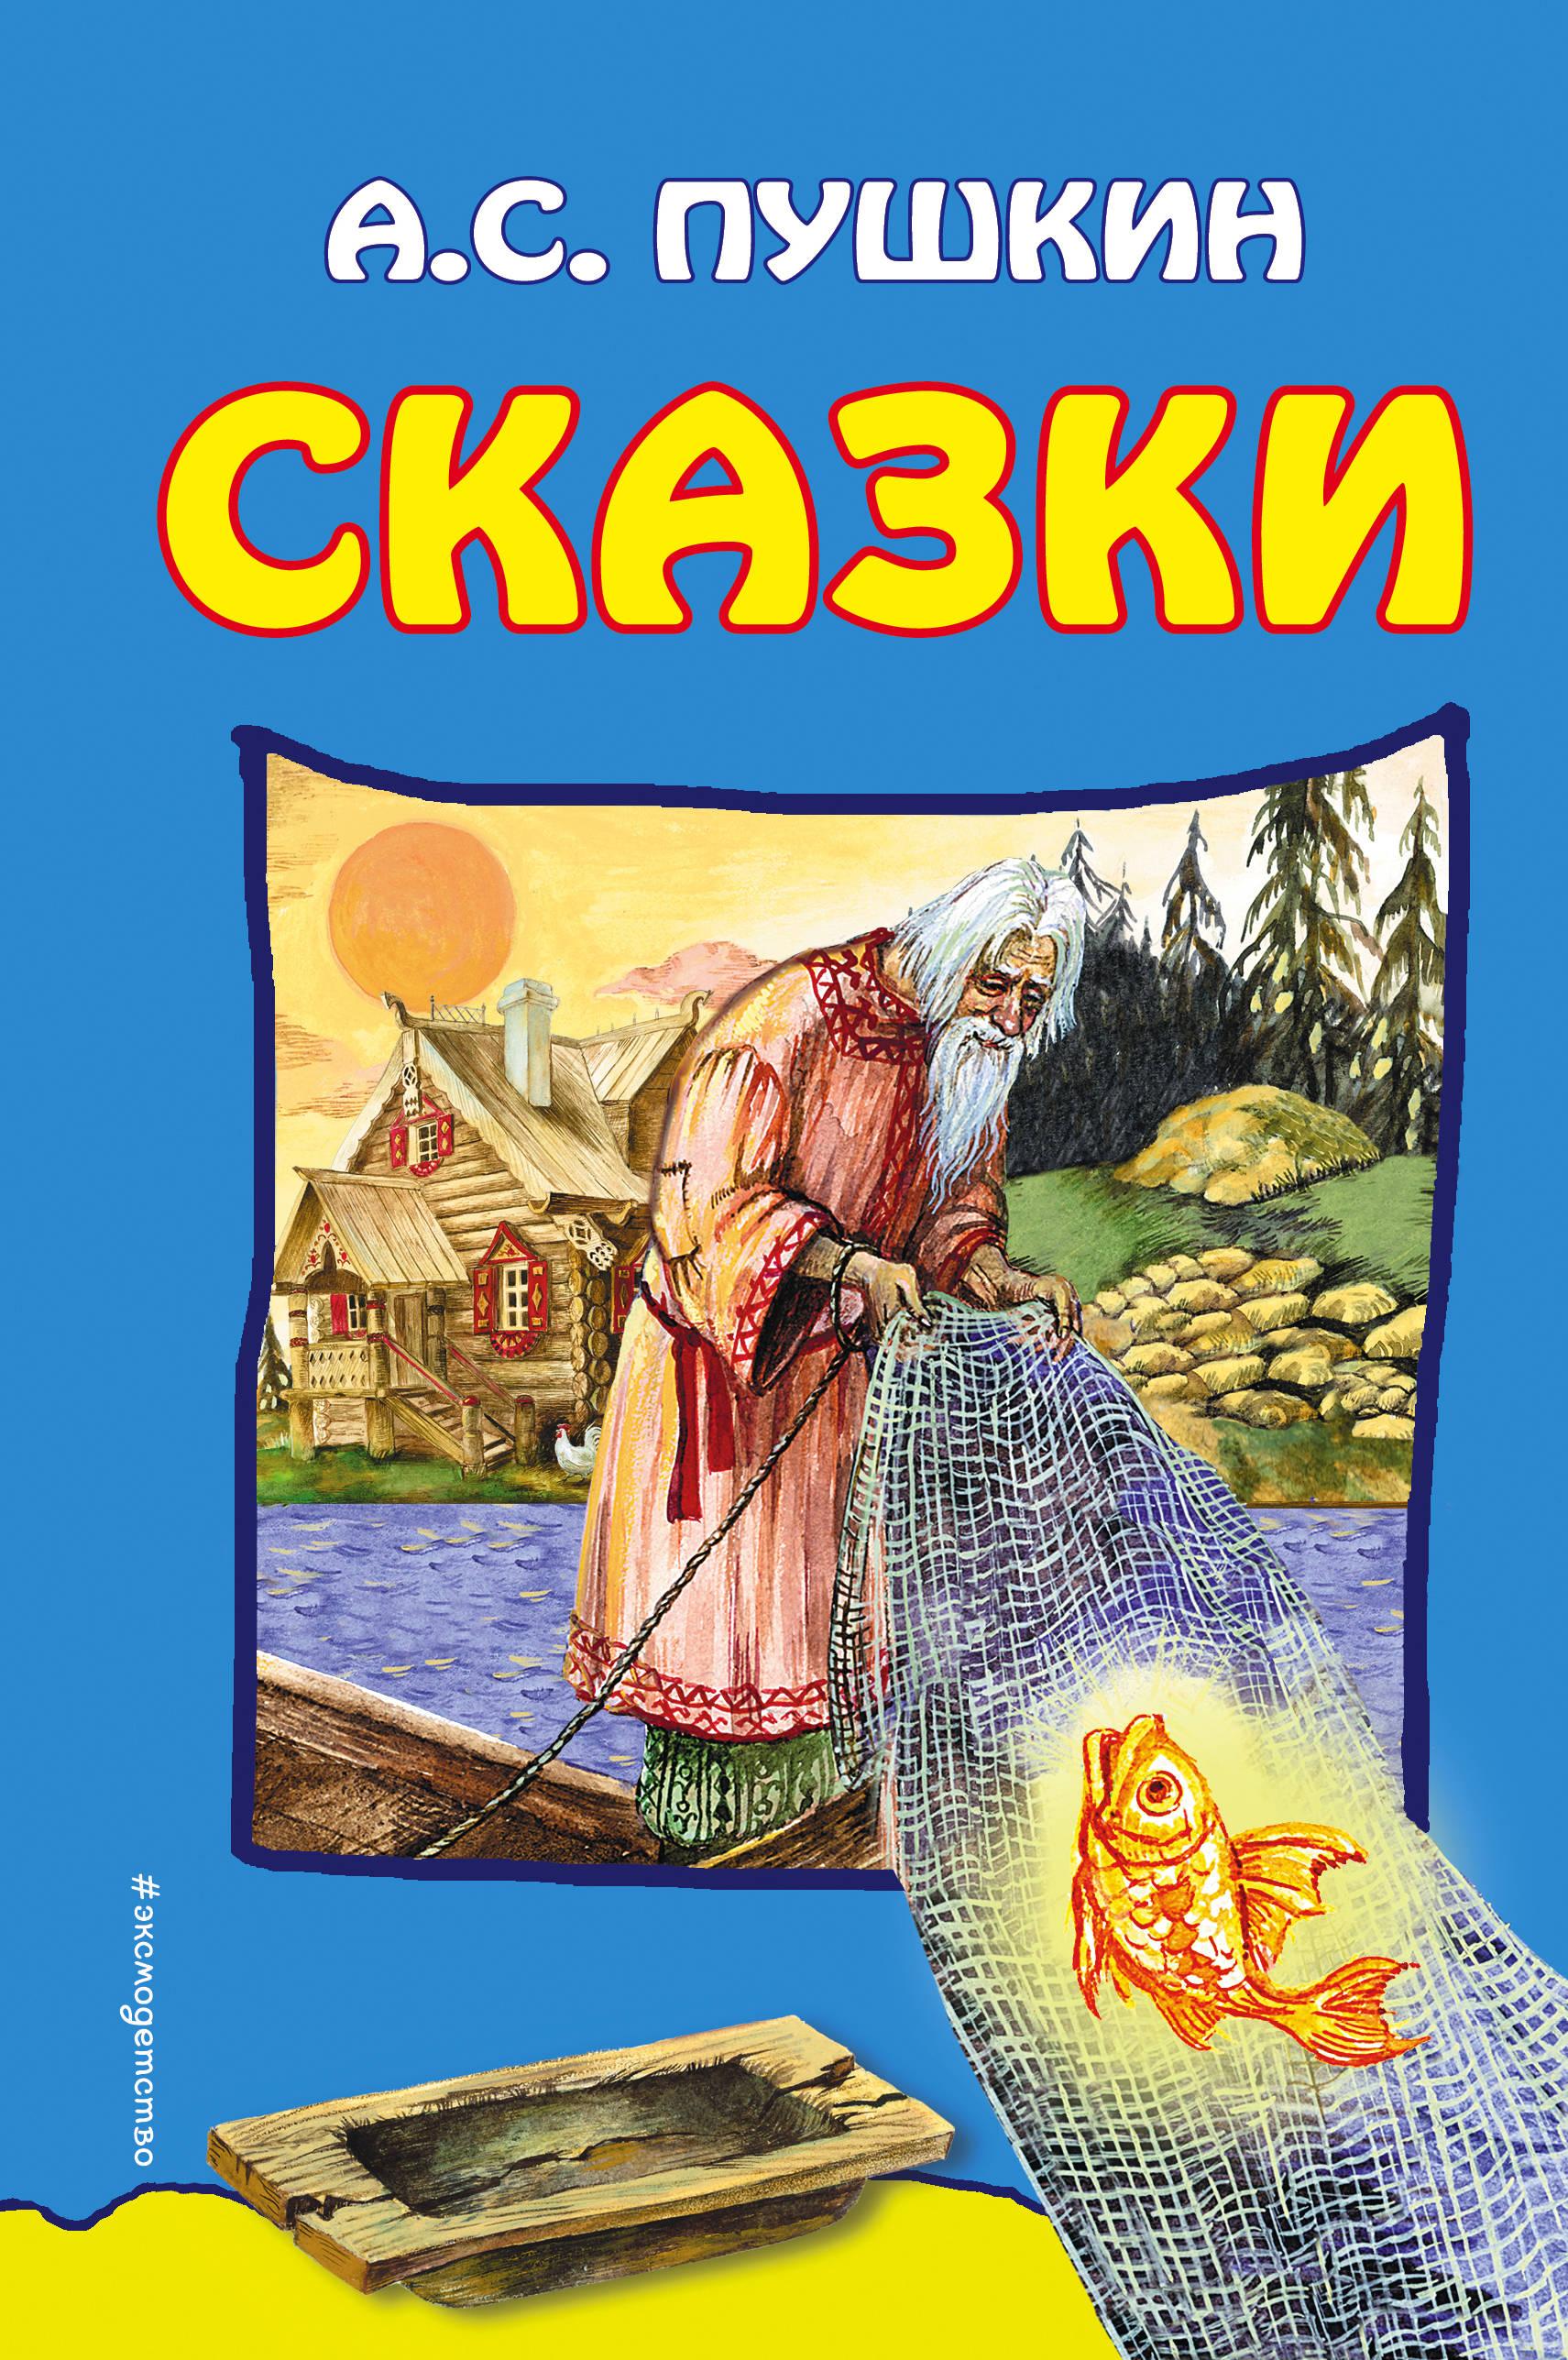 А. С. Пушкин А. С. Пушкин. Сказки росмэн сказки а с пушкин